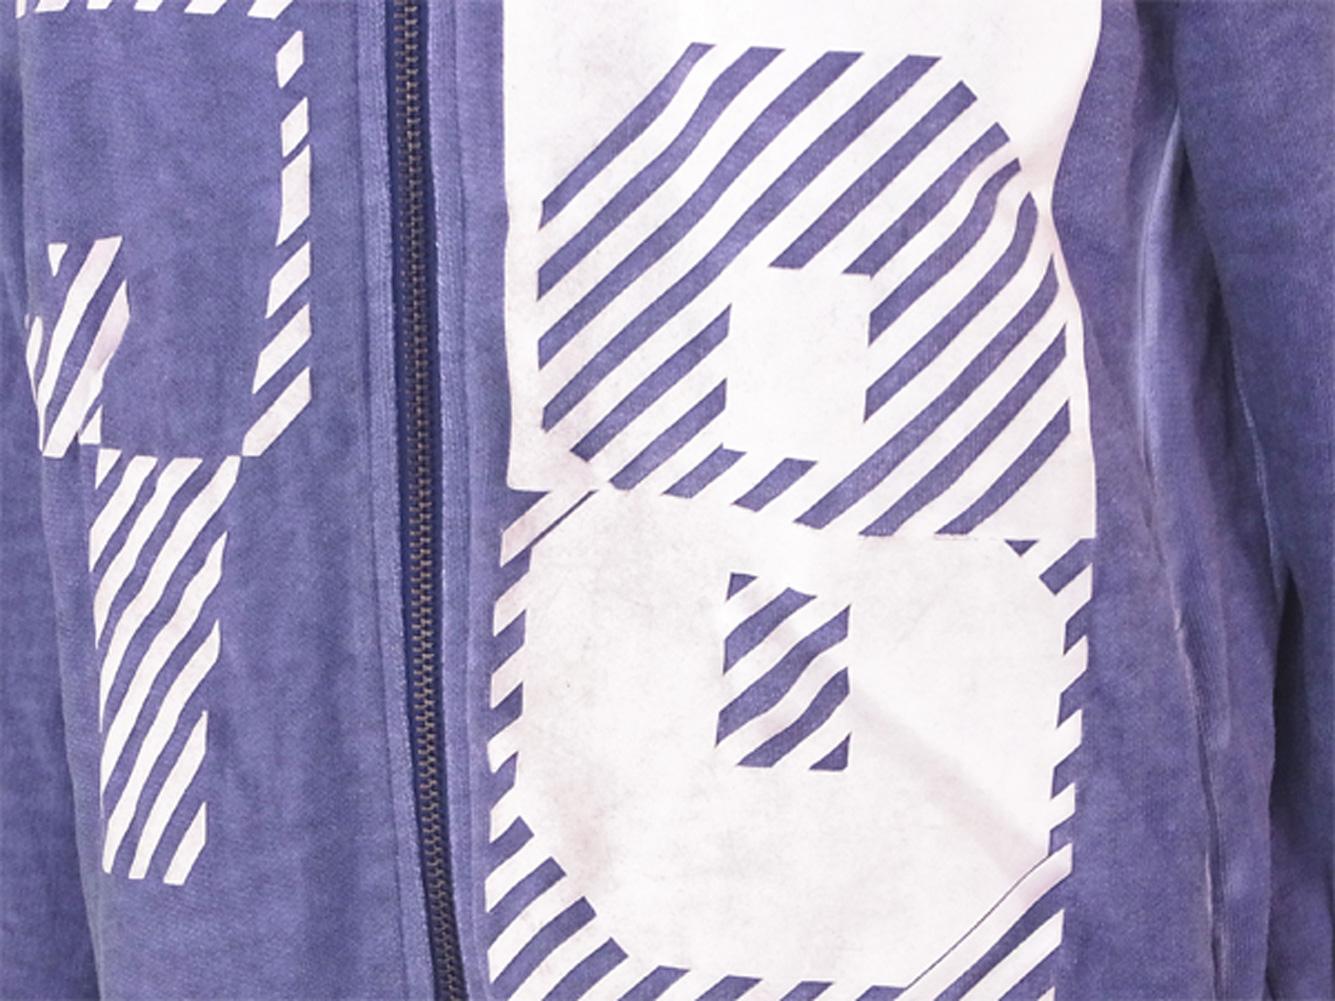 ディーゼル パーカー ジップアップ ♯12サイズ プリント ブルー ホワイト 白 綿 コットンDIESEL レディース プレゼント 贈り物 1点物 人気 良品 夏 迅速発送 オシャレ 大人 在庫処分 ファッション T14933 AE9WIYDH2